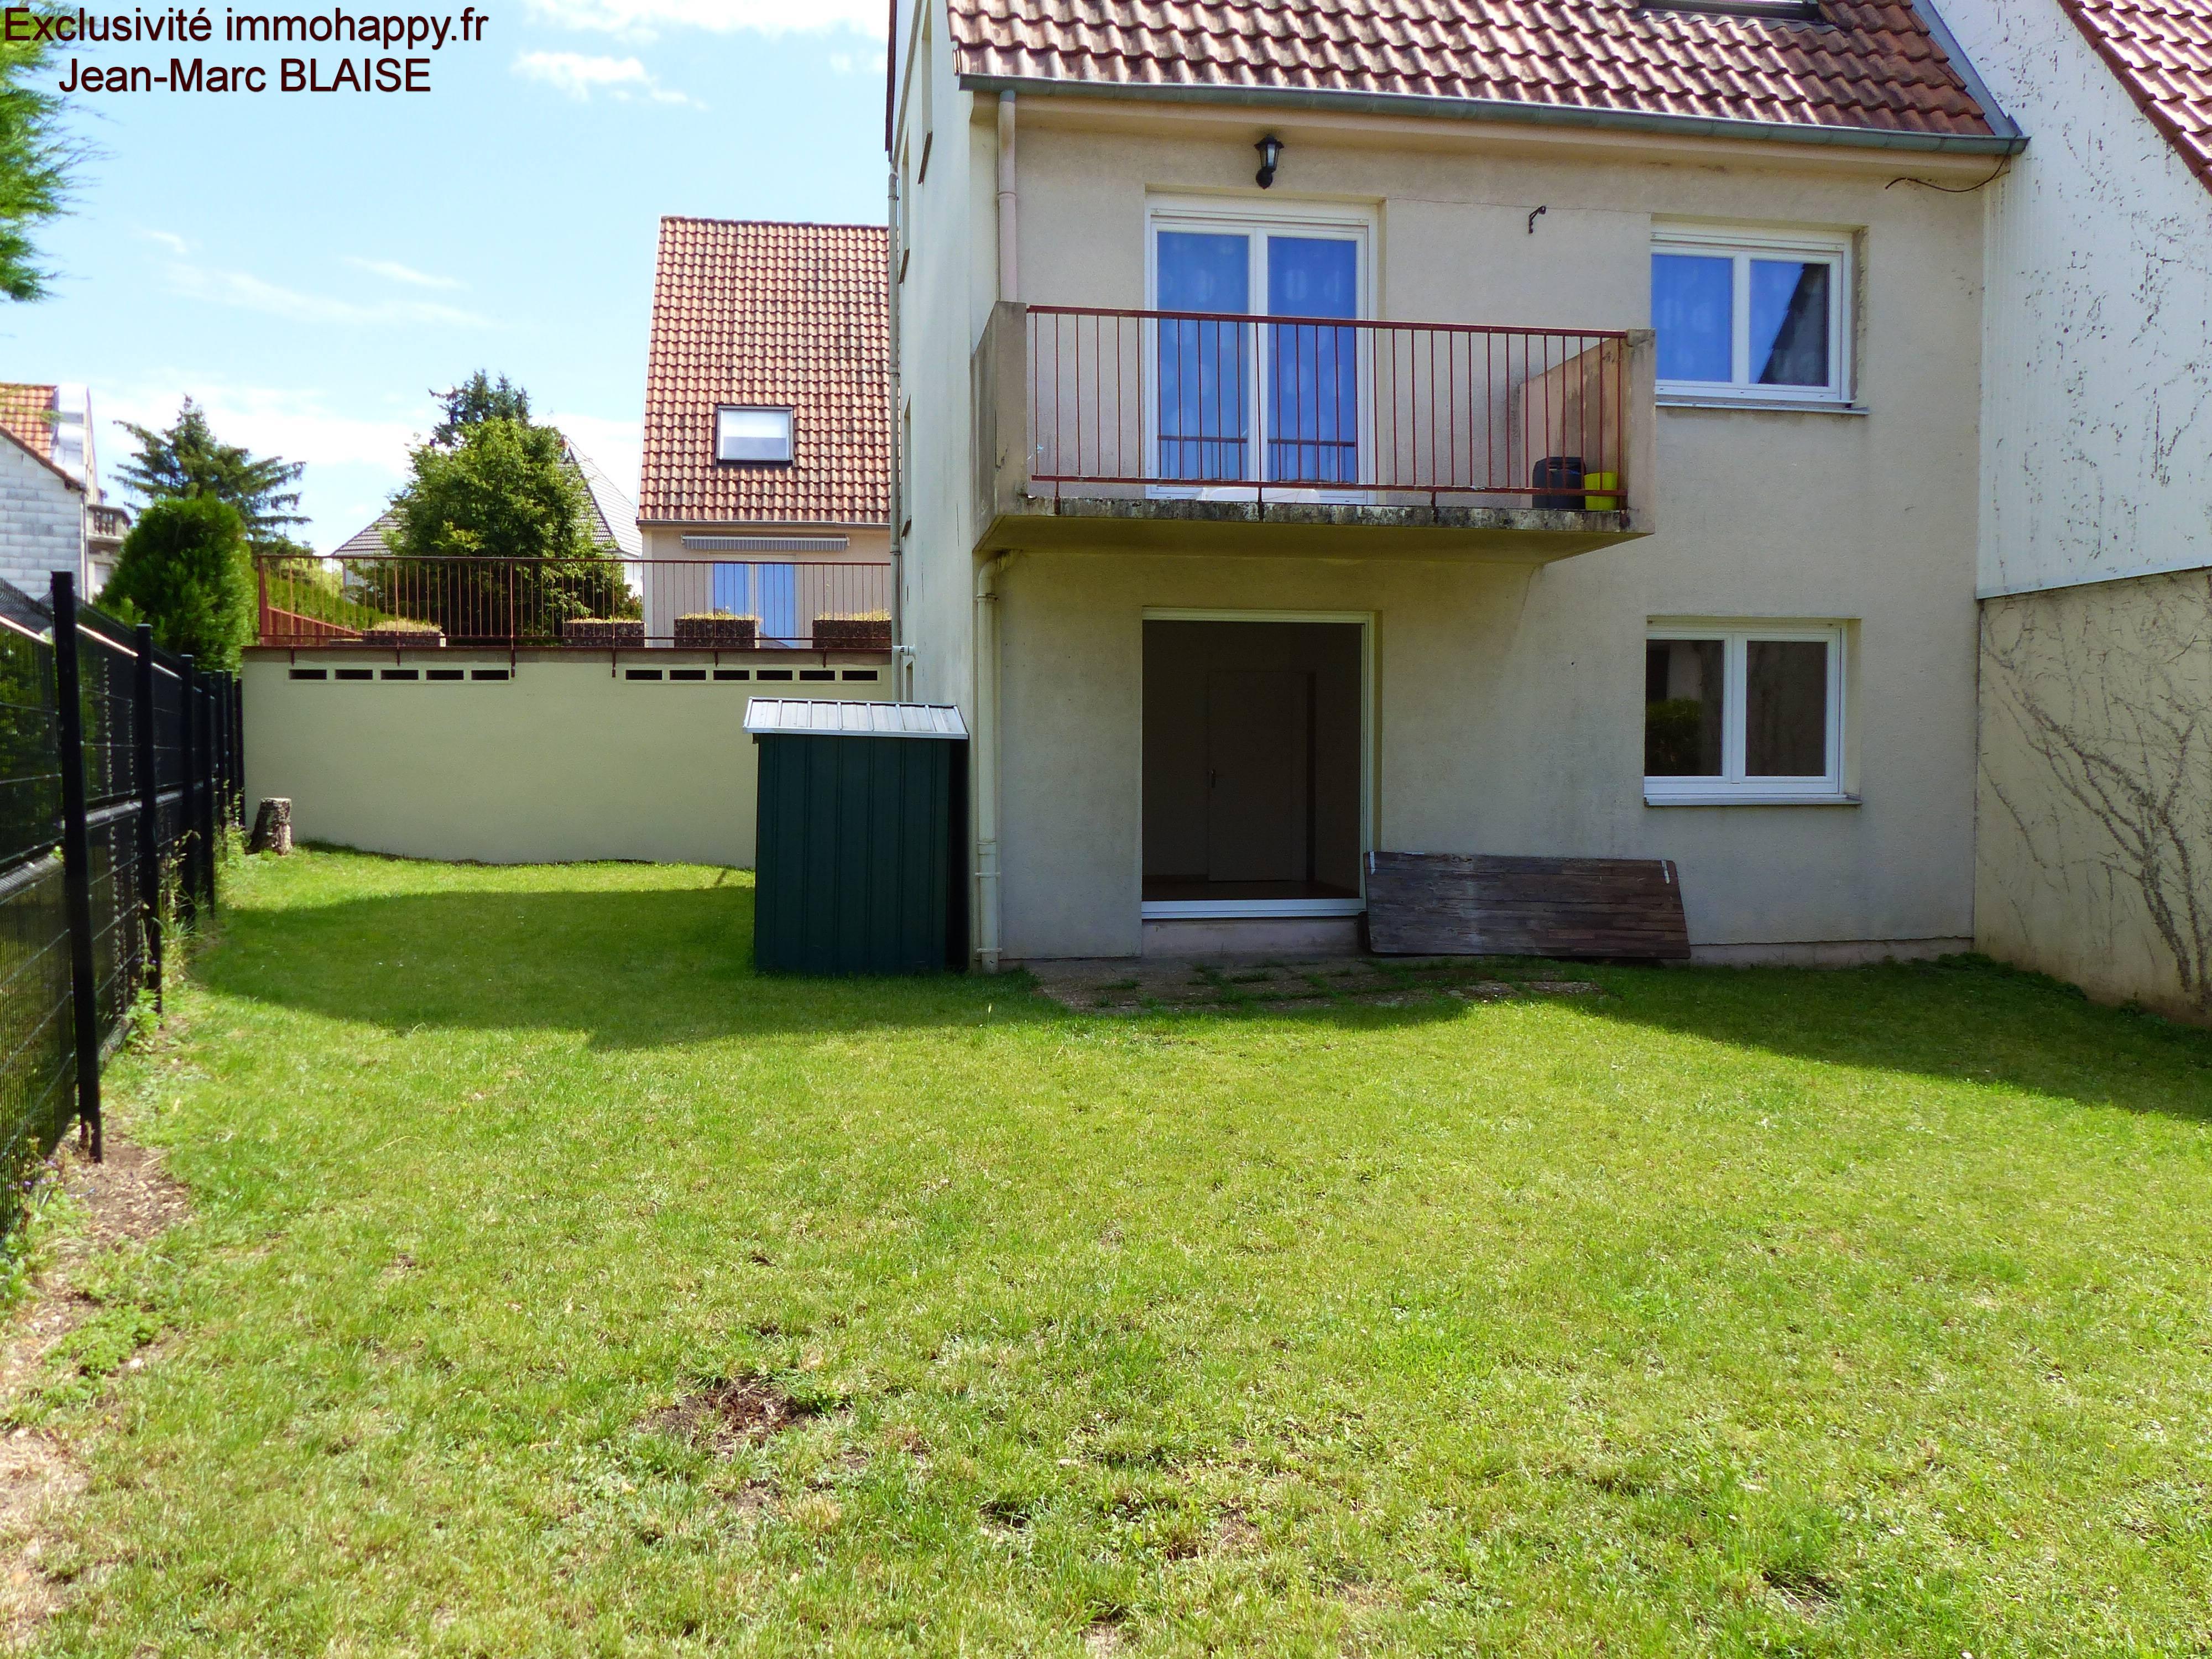 FAULQUEMONT Appt avec jardin et garage 79500 €